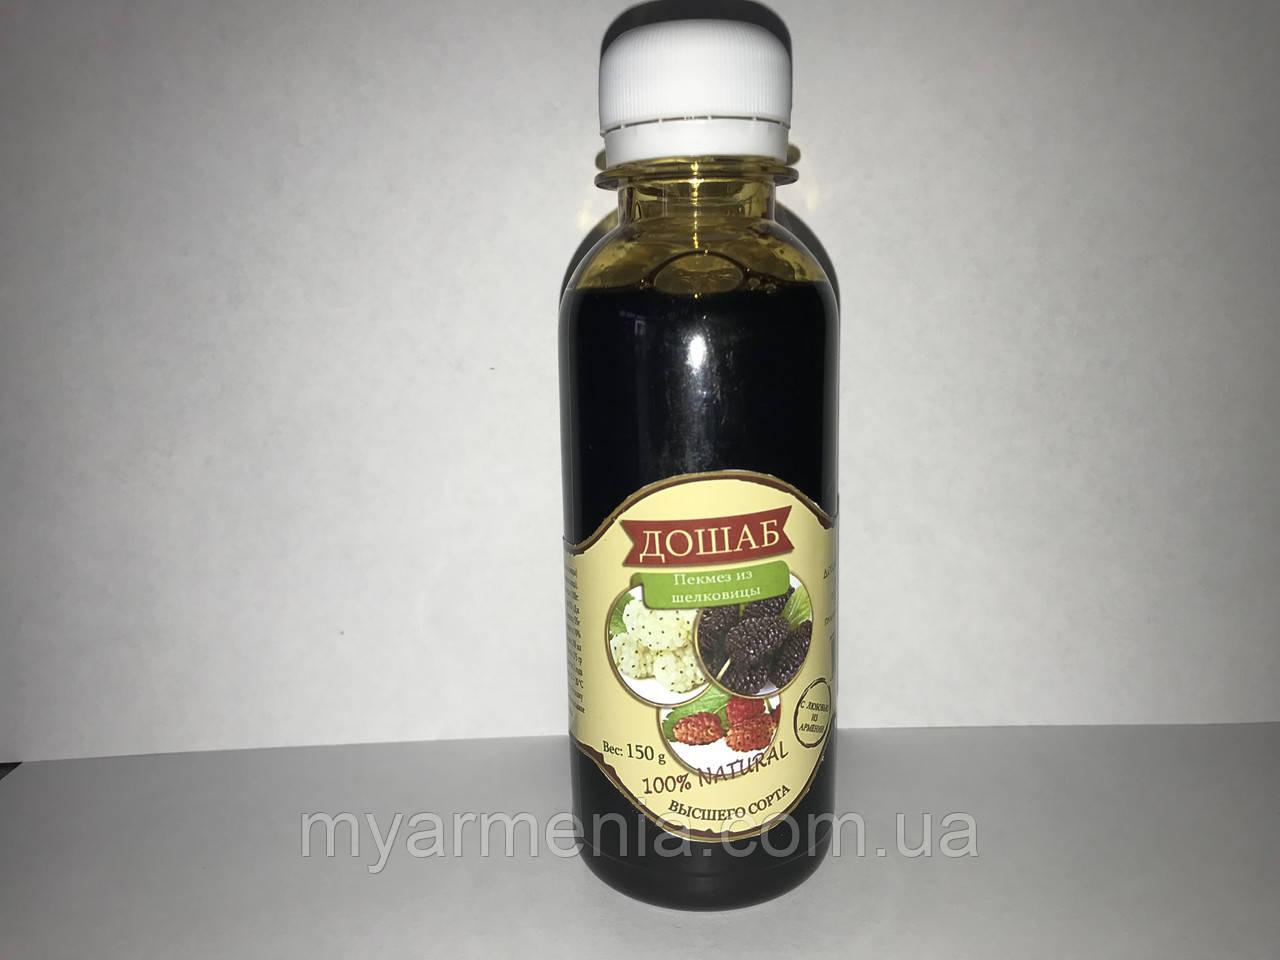 Дошаб тутовый армянский, пекмез шелковицы 150 грамм, урожай 2020